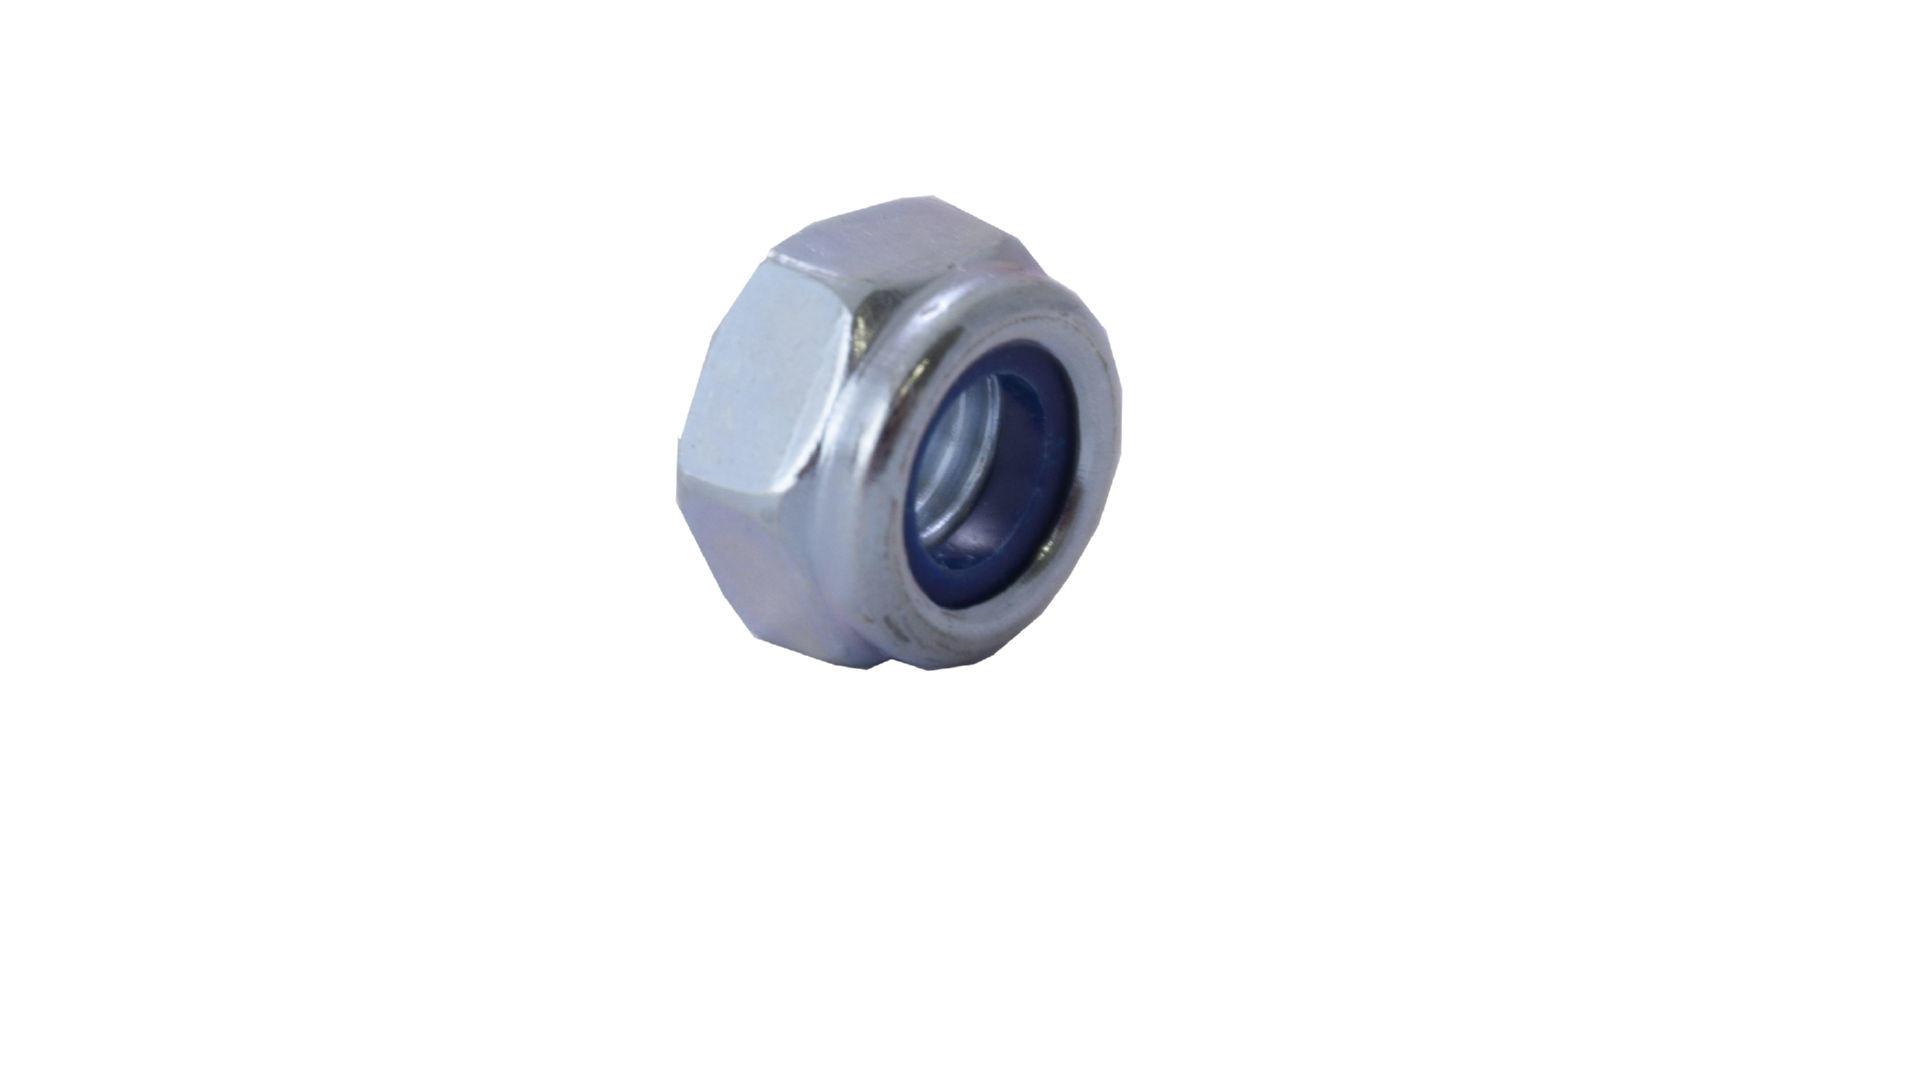 Гайка самоконтрящаяся Apro - М6 DIN 985 (100 шт.) 2